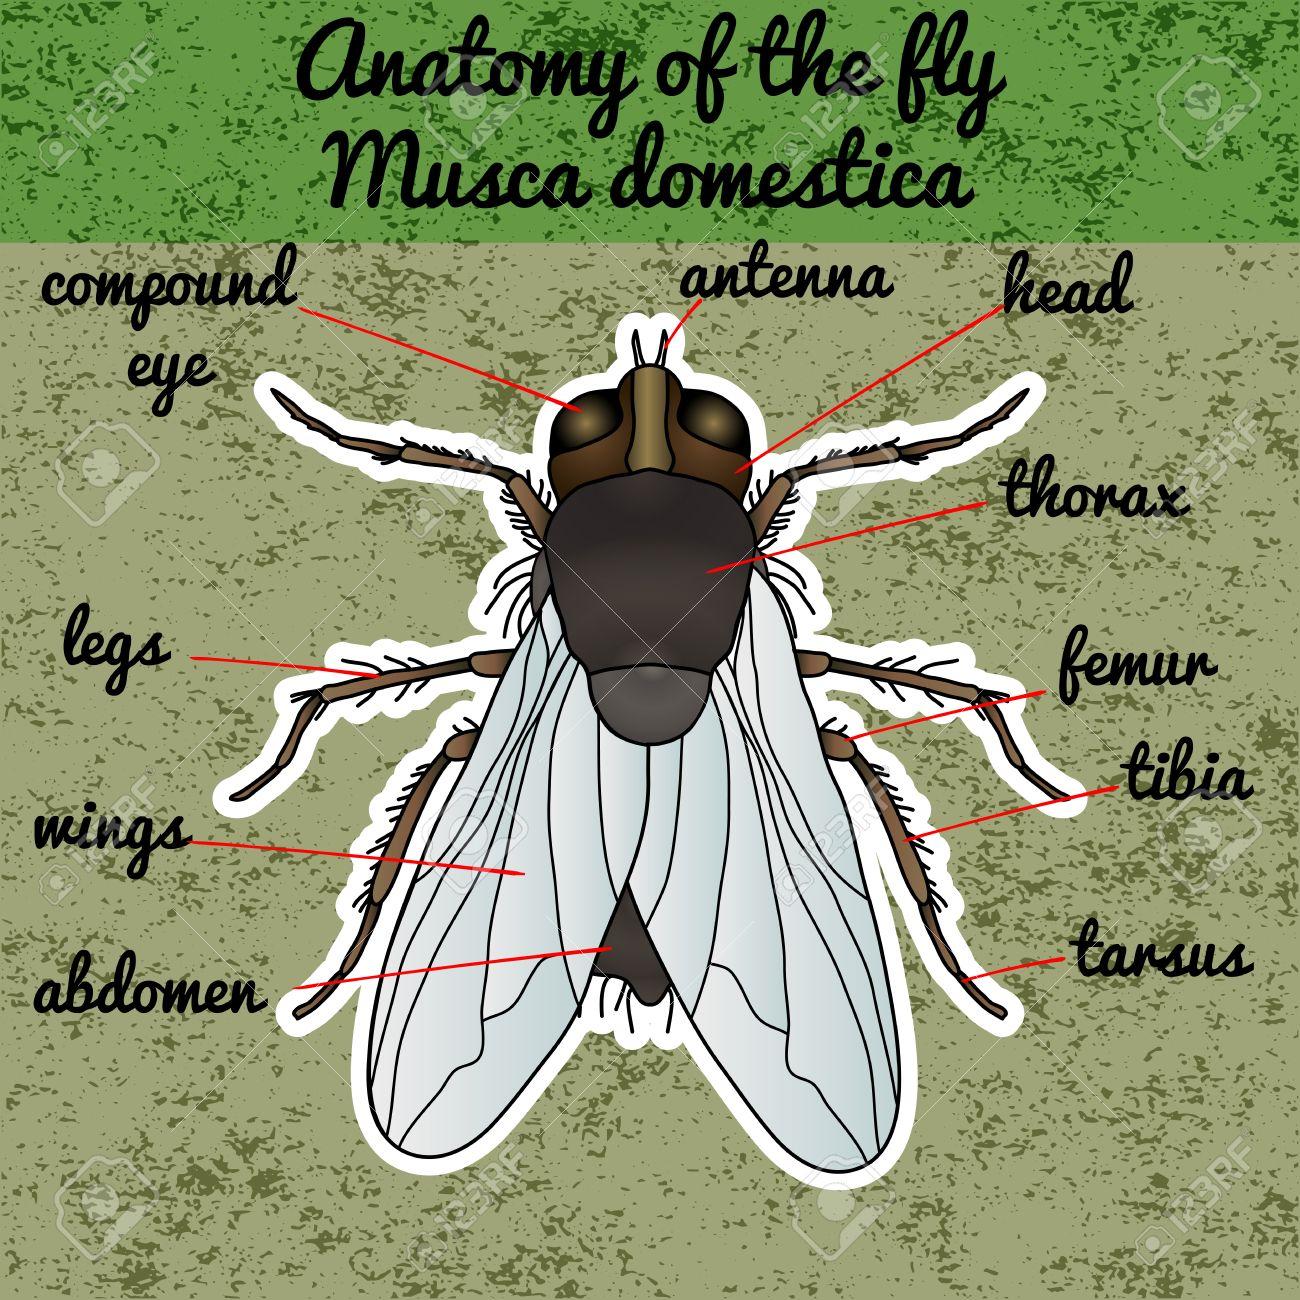 Anatomía De Insectos. Mosca Pegatina. Musca Domestica .. Insectos ...